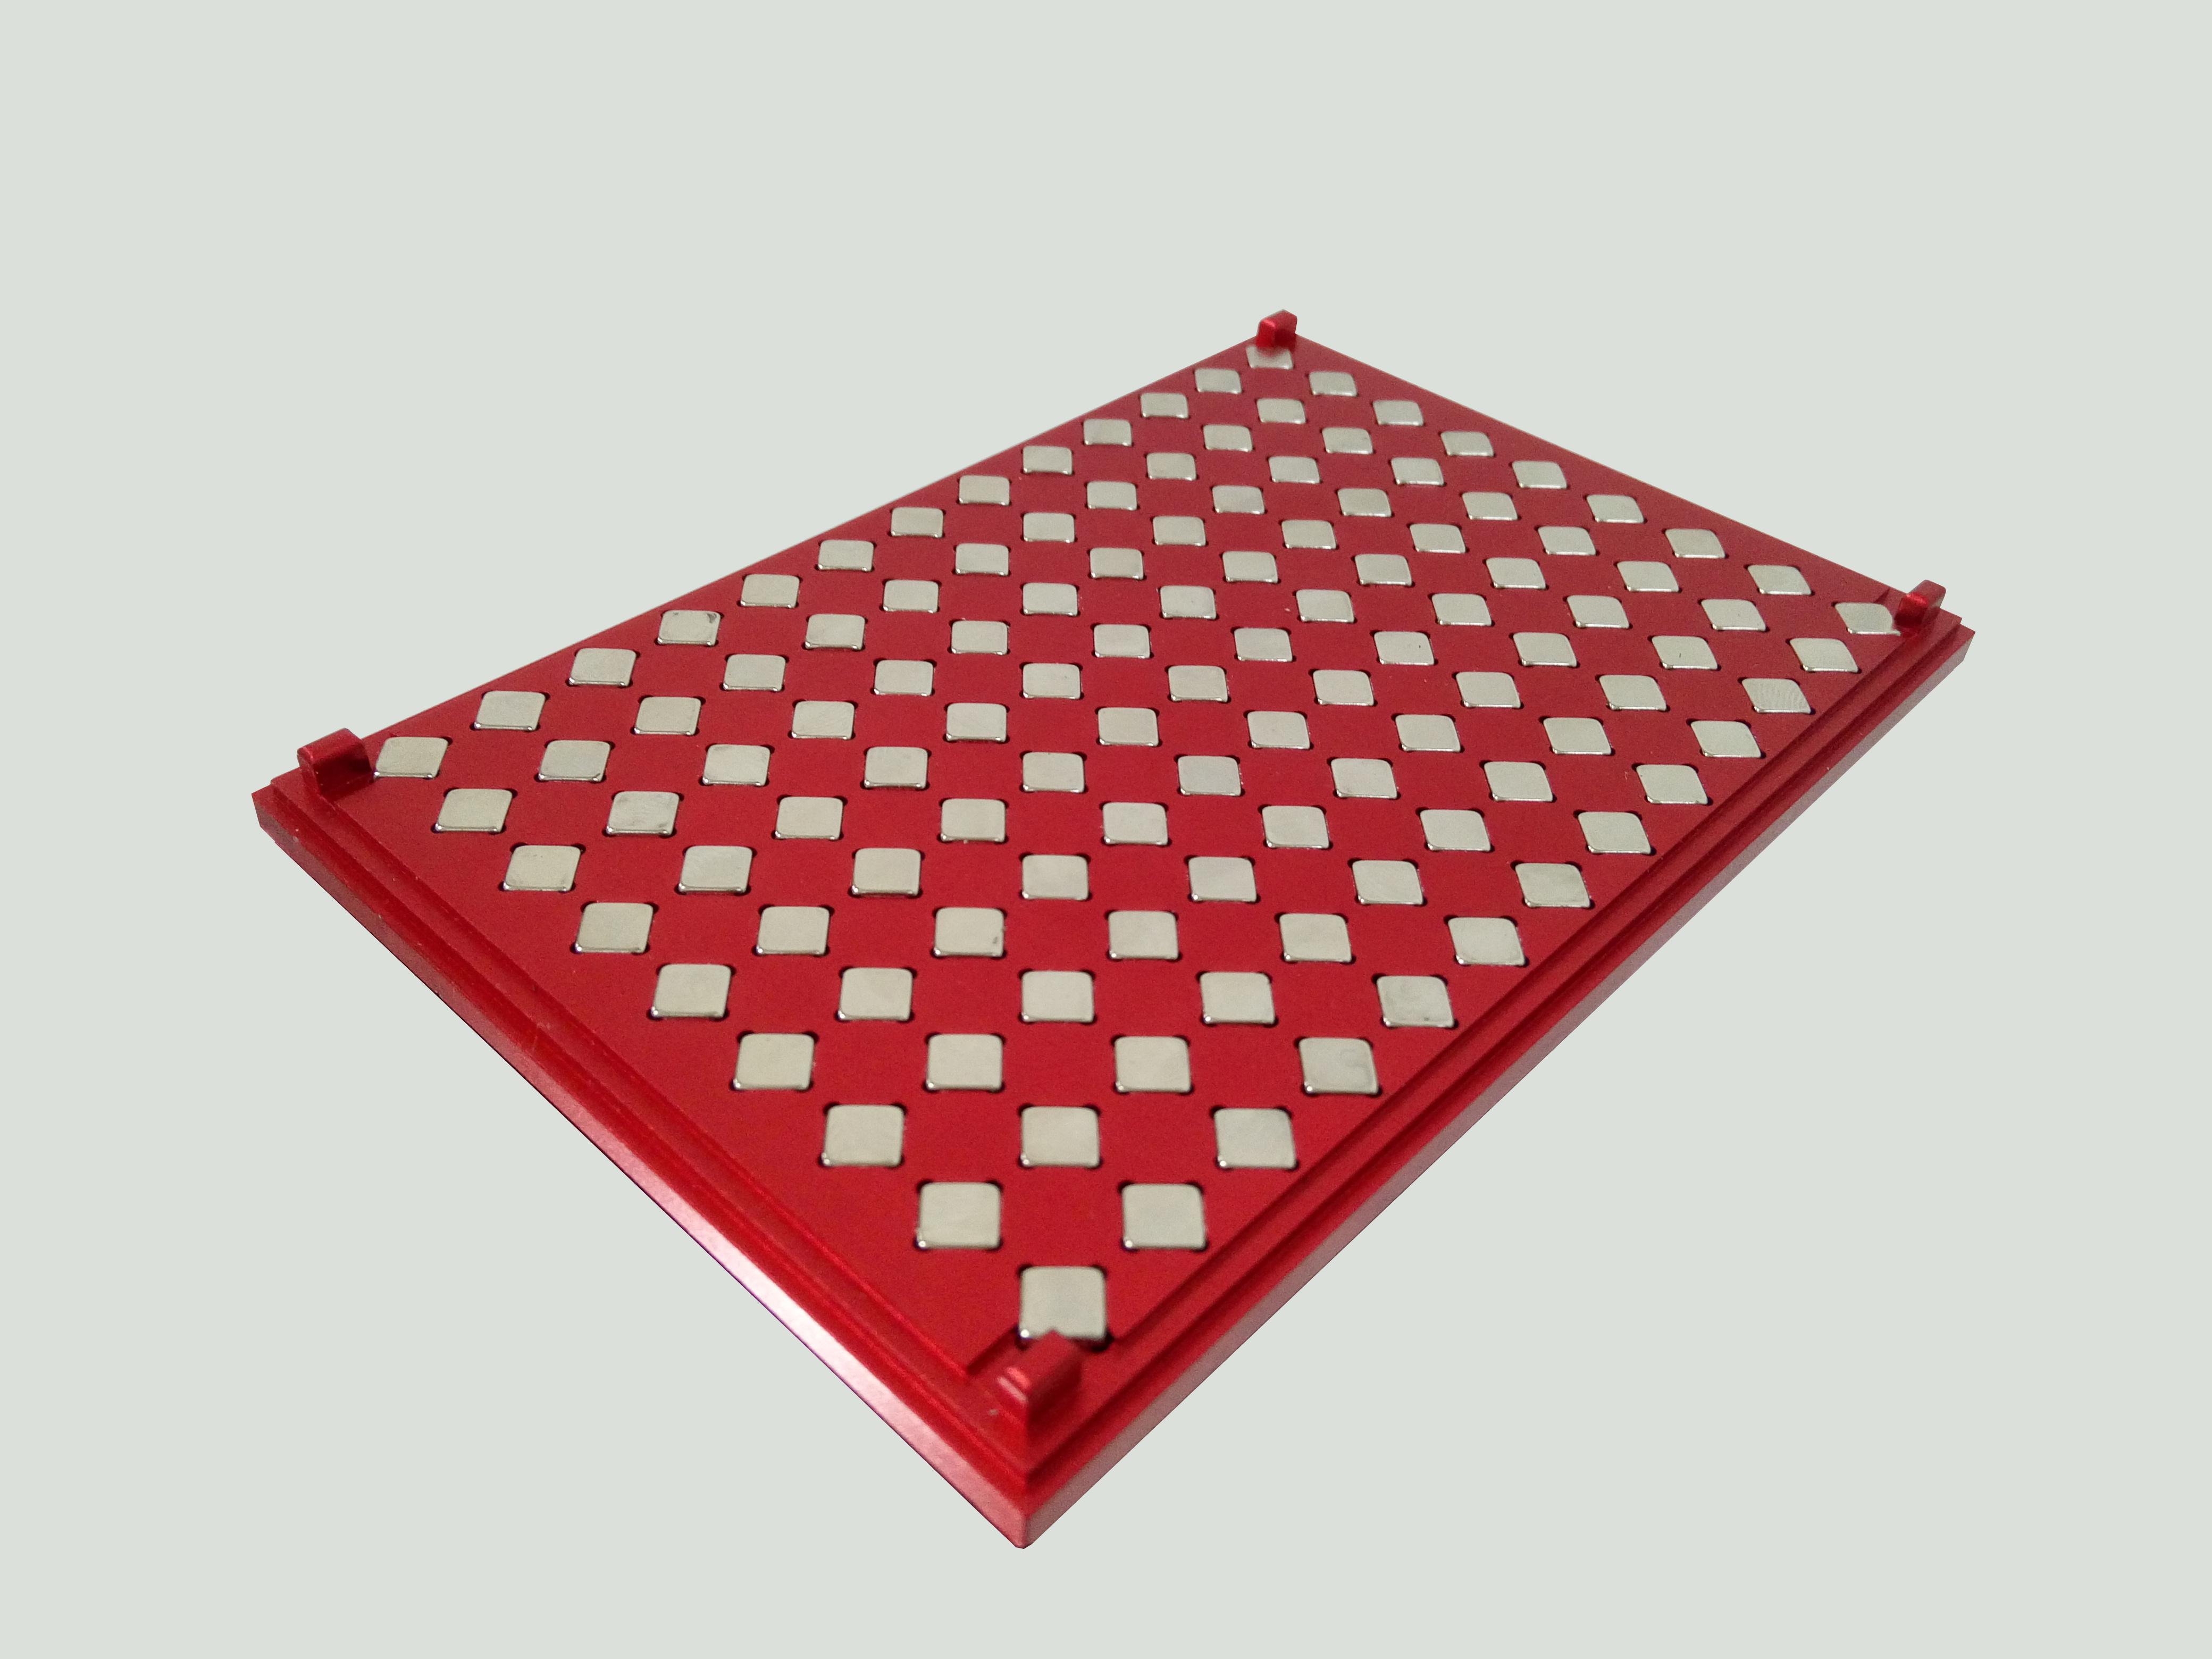 96孔酶标板(ELISA板)磁力架 铝合金款